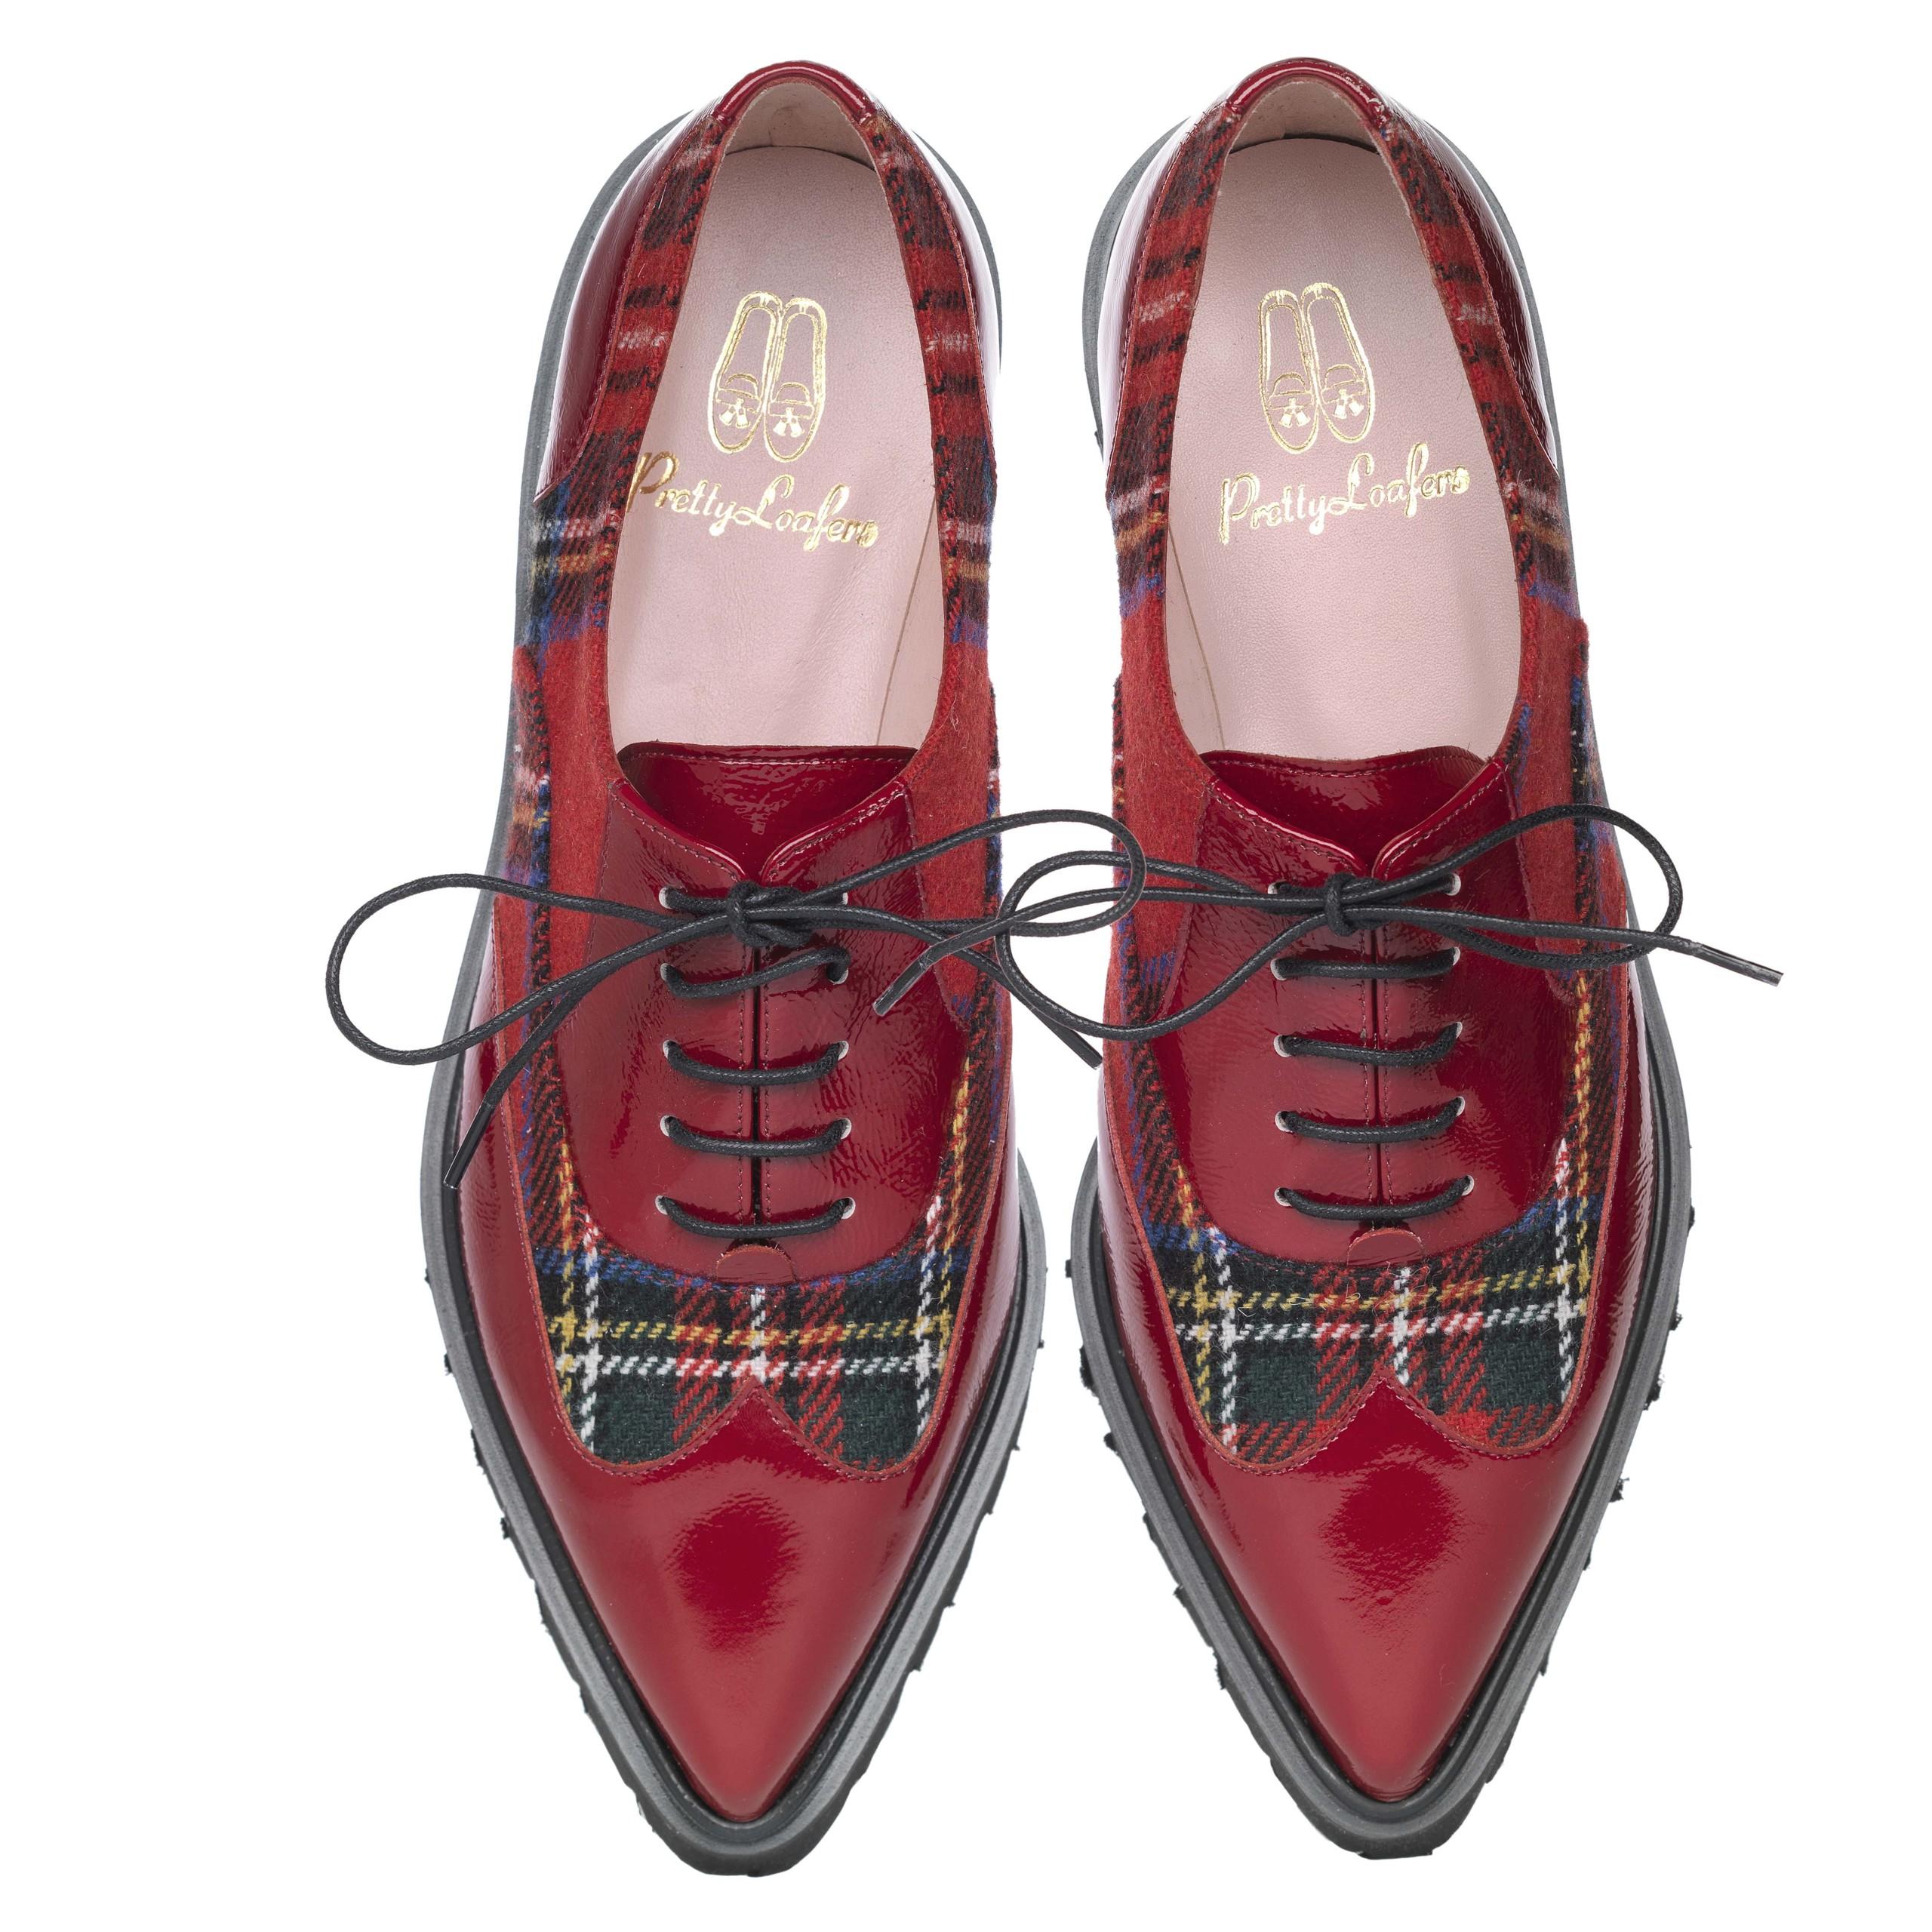 Foto de Pretty Loafers, las slippers necesarias para las incondicionales del calzado plano (19/20)